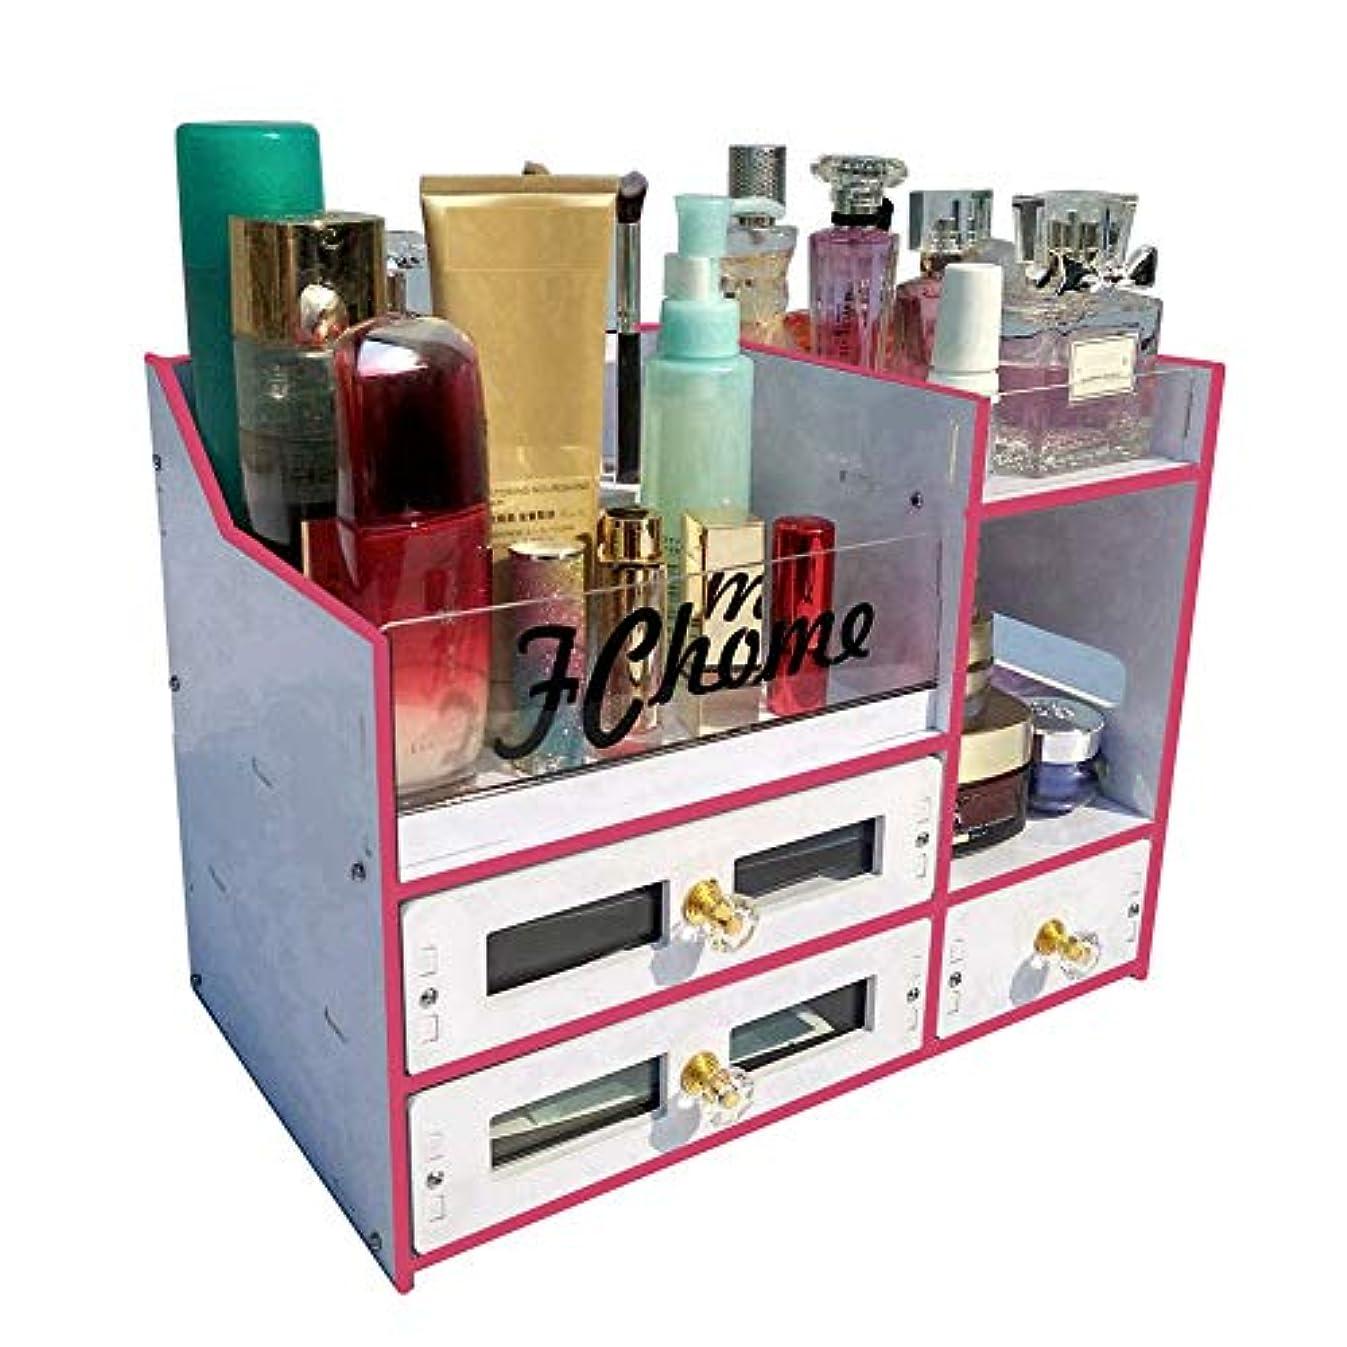 昆虫を見る遊び場買収FChome化粧品収納ボックス引き出しアクリルPVCジュエリー化粧品収納ラック大容量化粧収納ボックスセット、ピンク